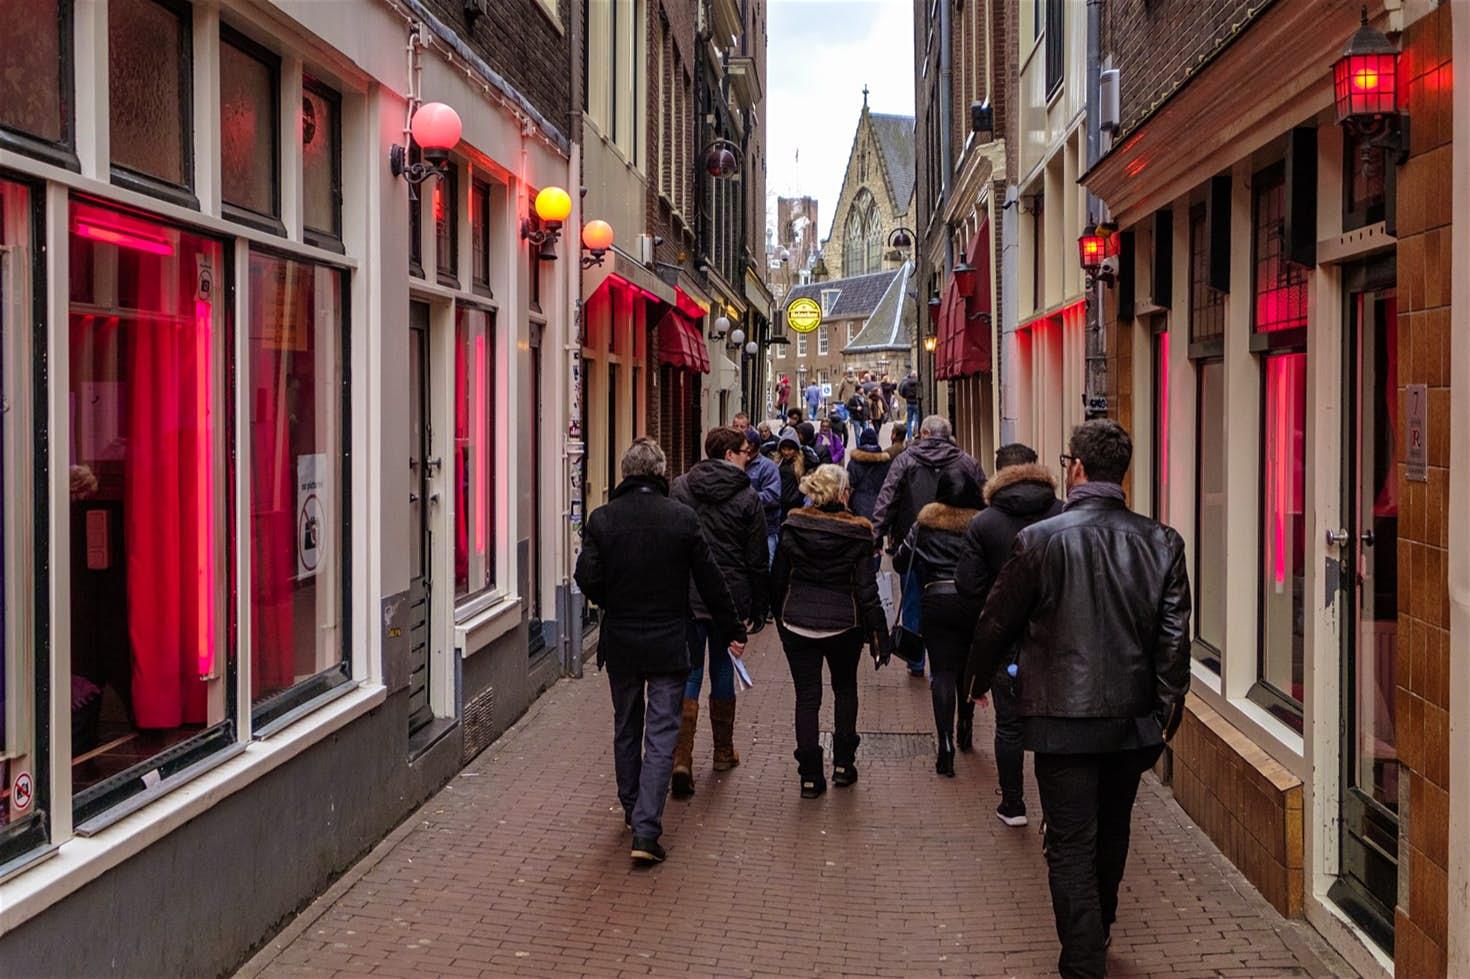 P.rostitucioni në Hollandë: Çfarë ndodh vërtet në shtetin e v.eseve  dhe p.erversve!